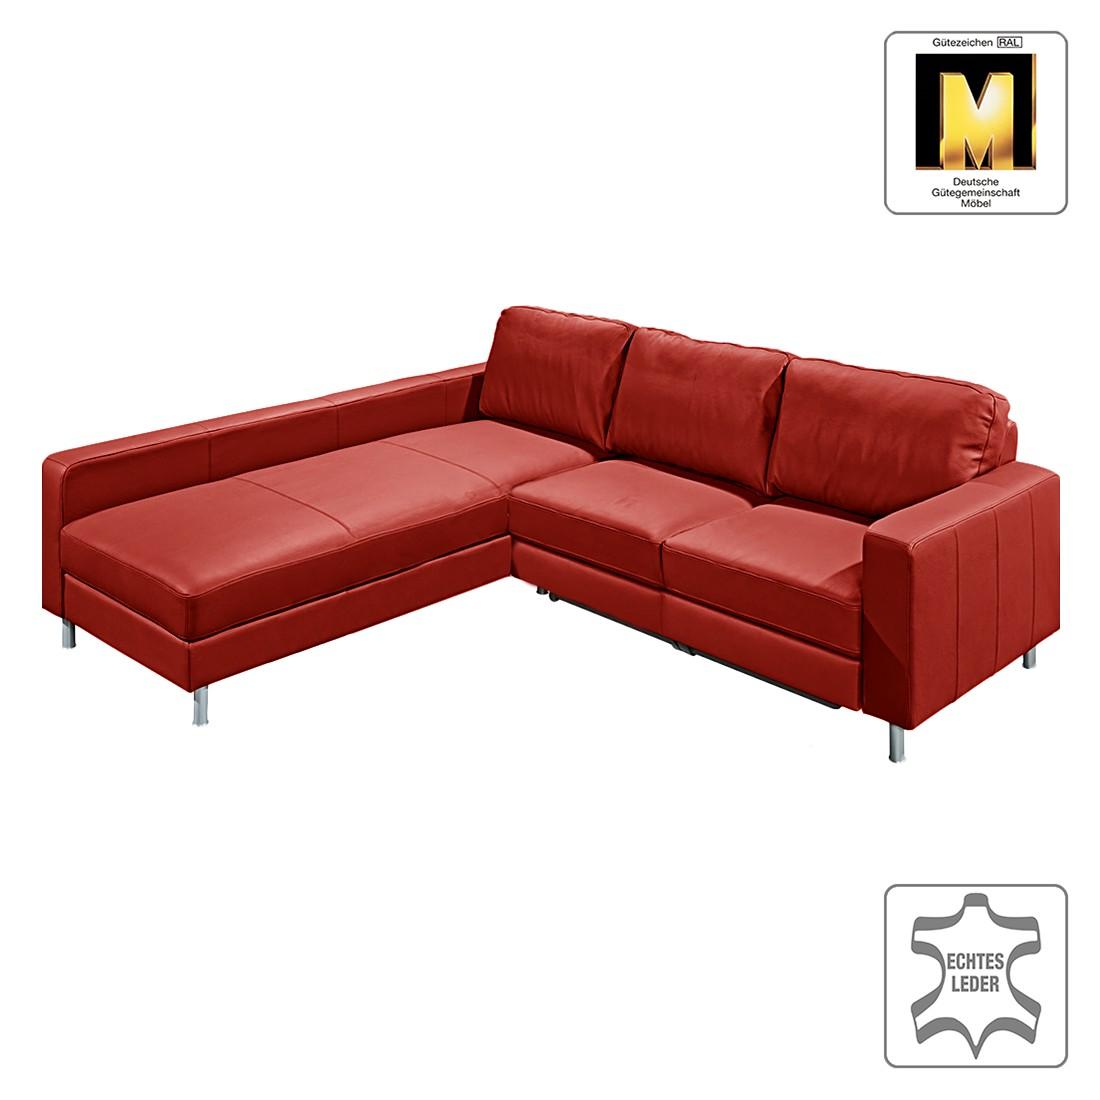 Ecksofa Casual Line VI (mit Schlaffunktion) – Echtleder Rot – Ottomane davorstehend links, Claas Claasen kaufen